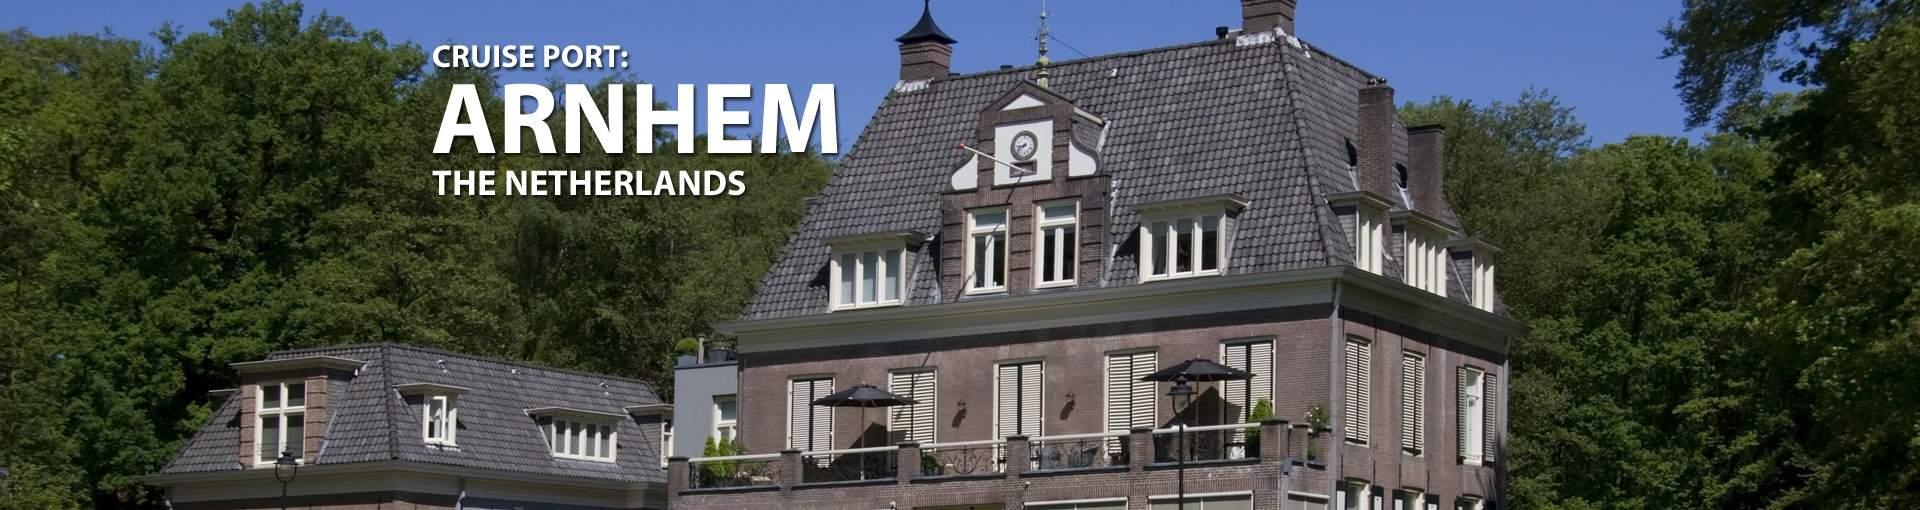 Cruises to Arnhem, The Netherlands